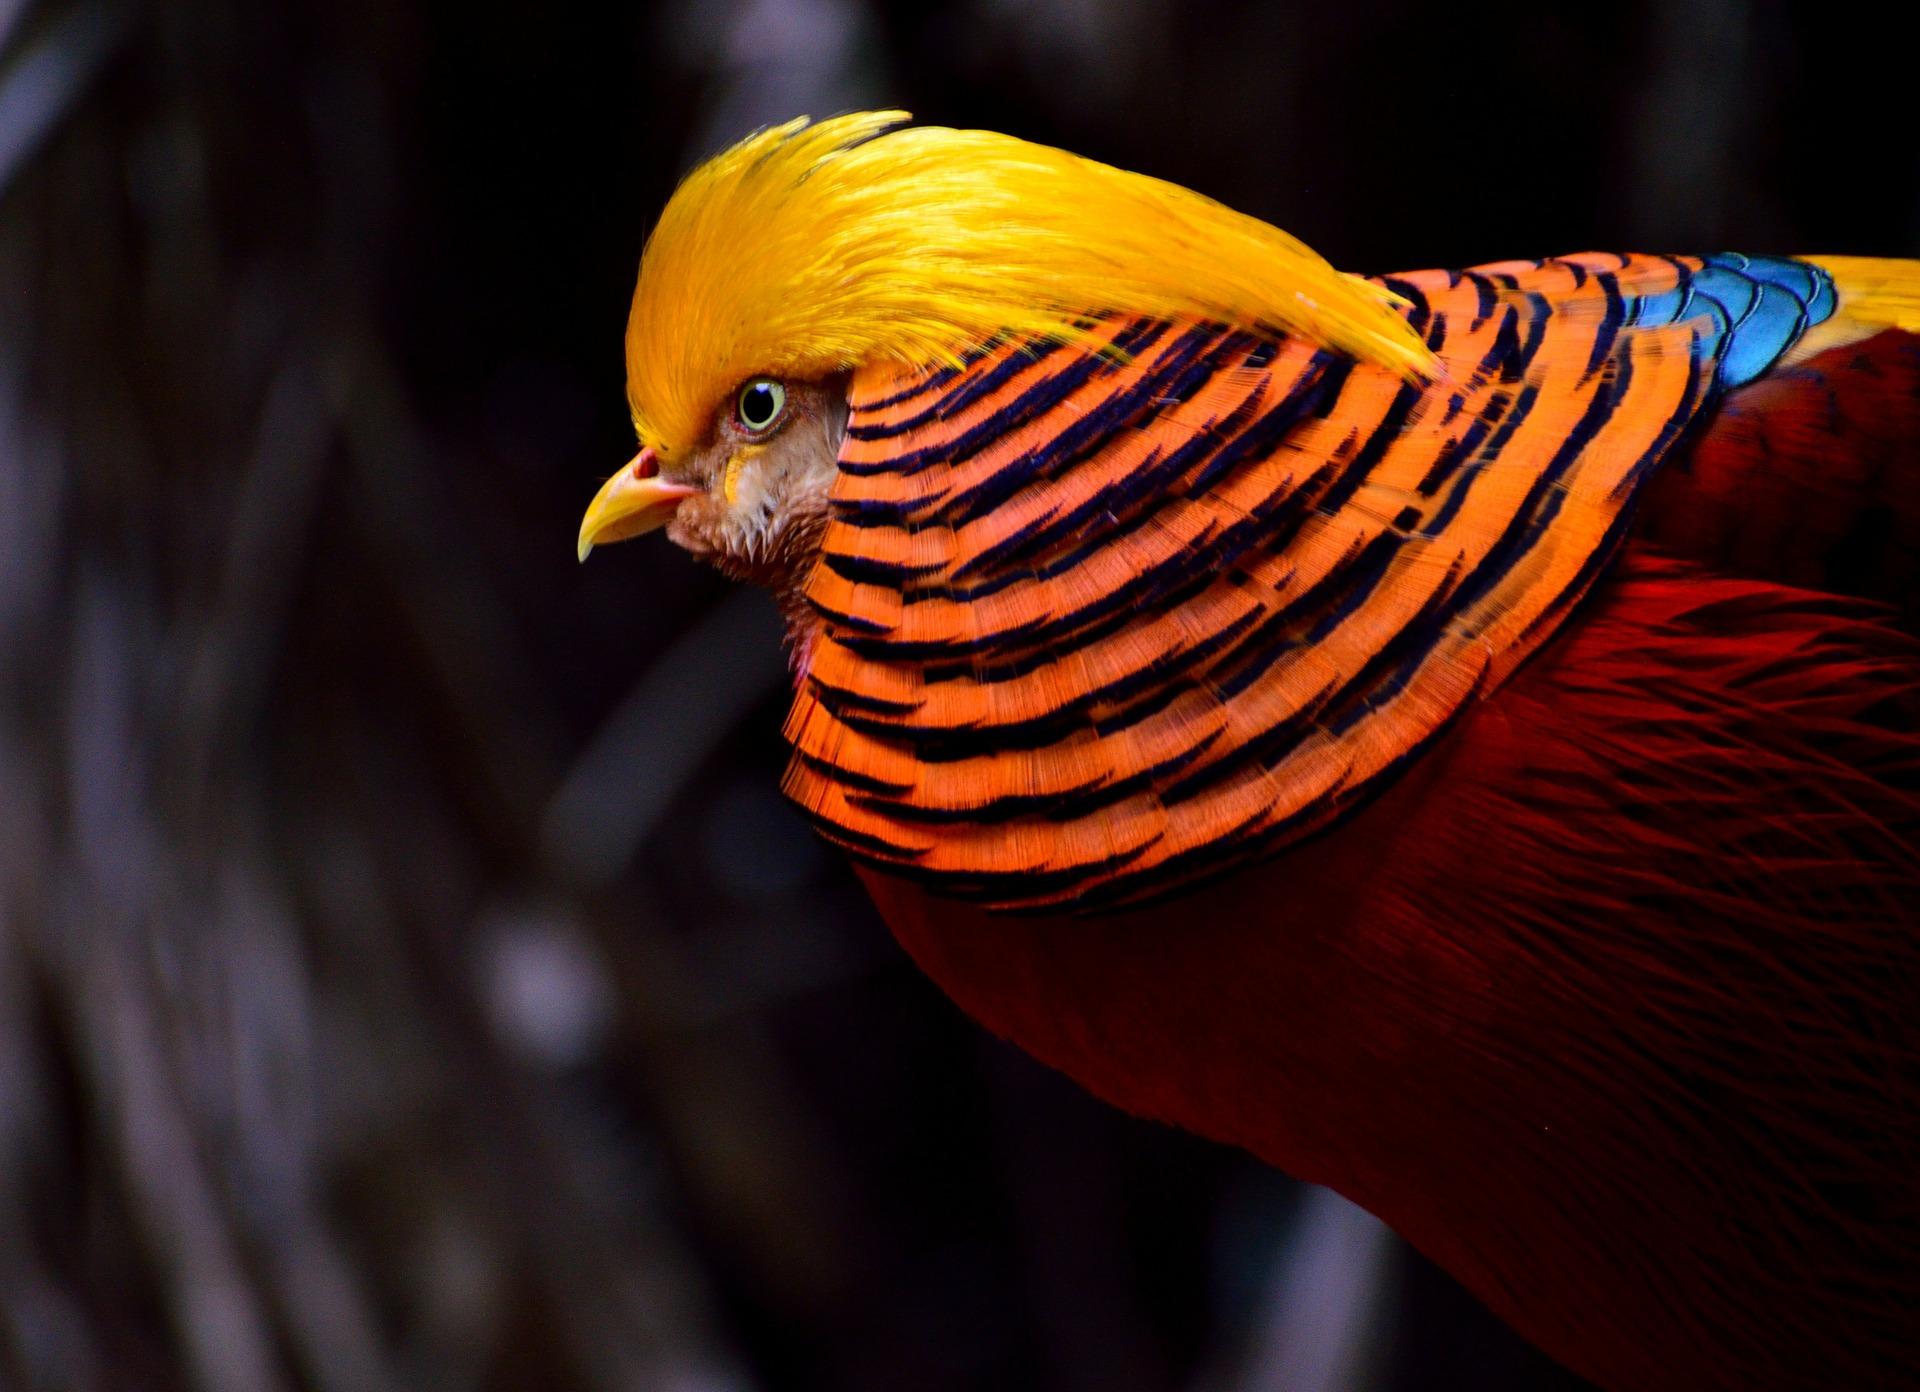 golden-pheasant-334658_1920.jpg